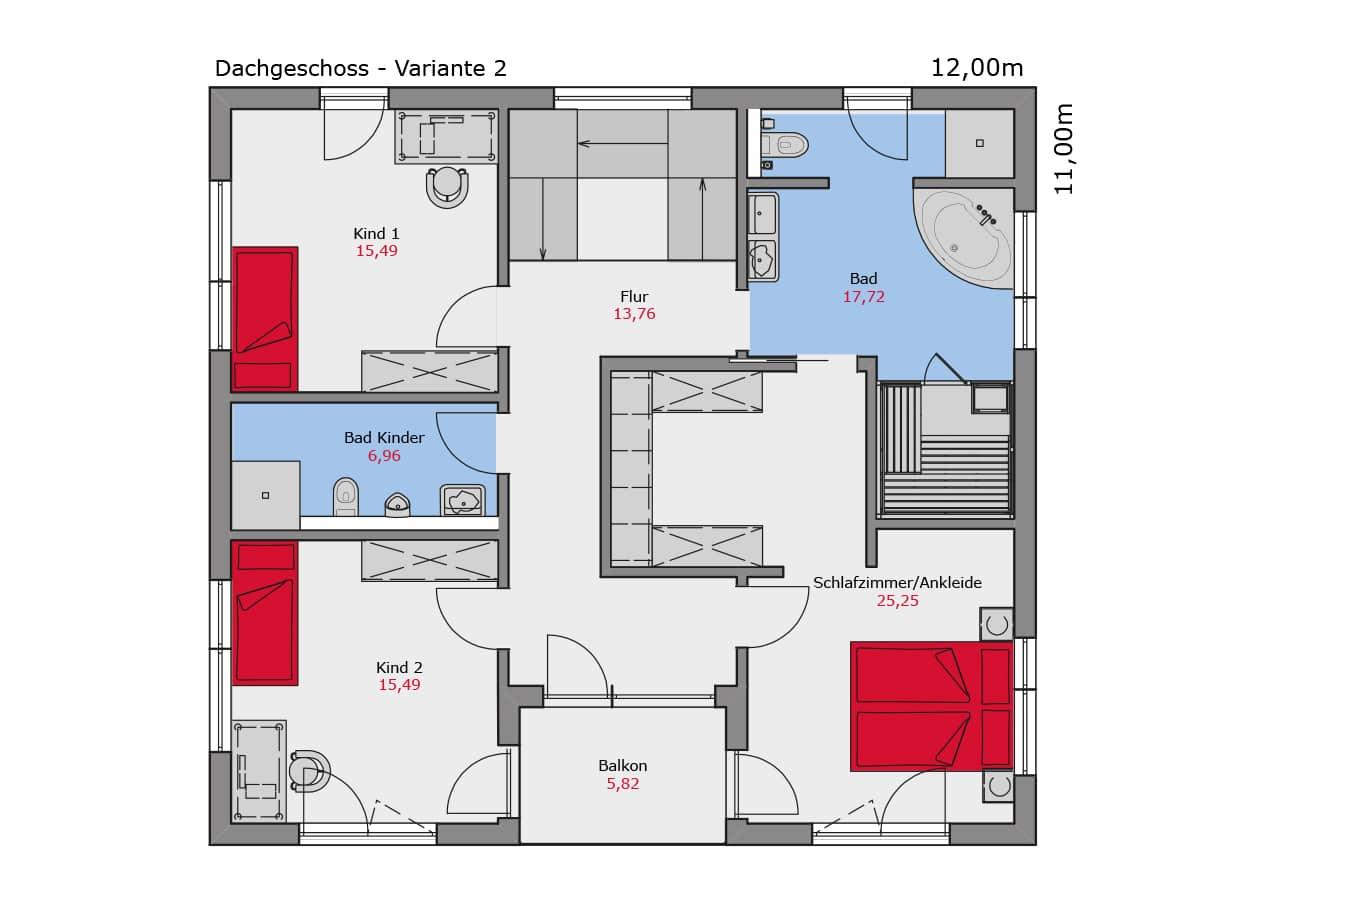 Grundriss_Musterhaus_Mannheim_Dachgeschoss_Variante2_Fertighaus